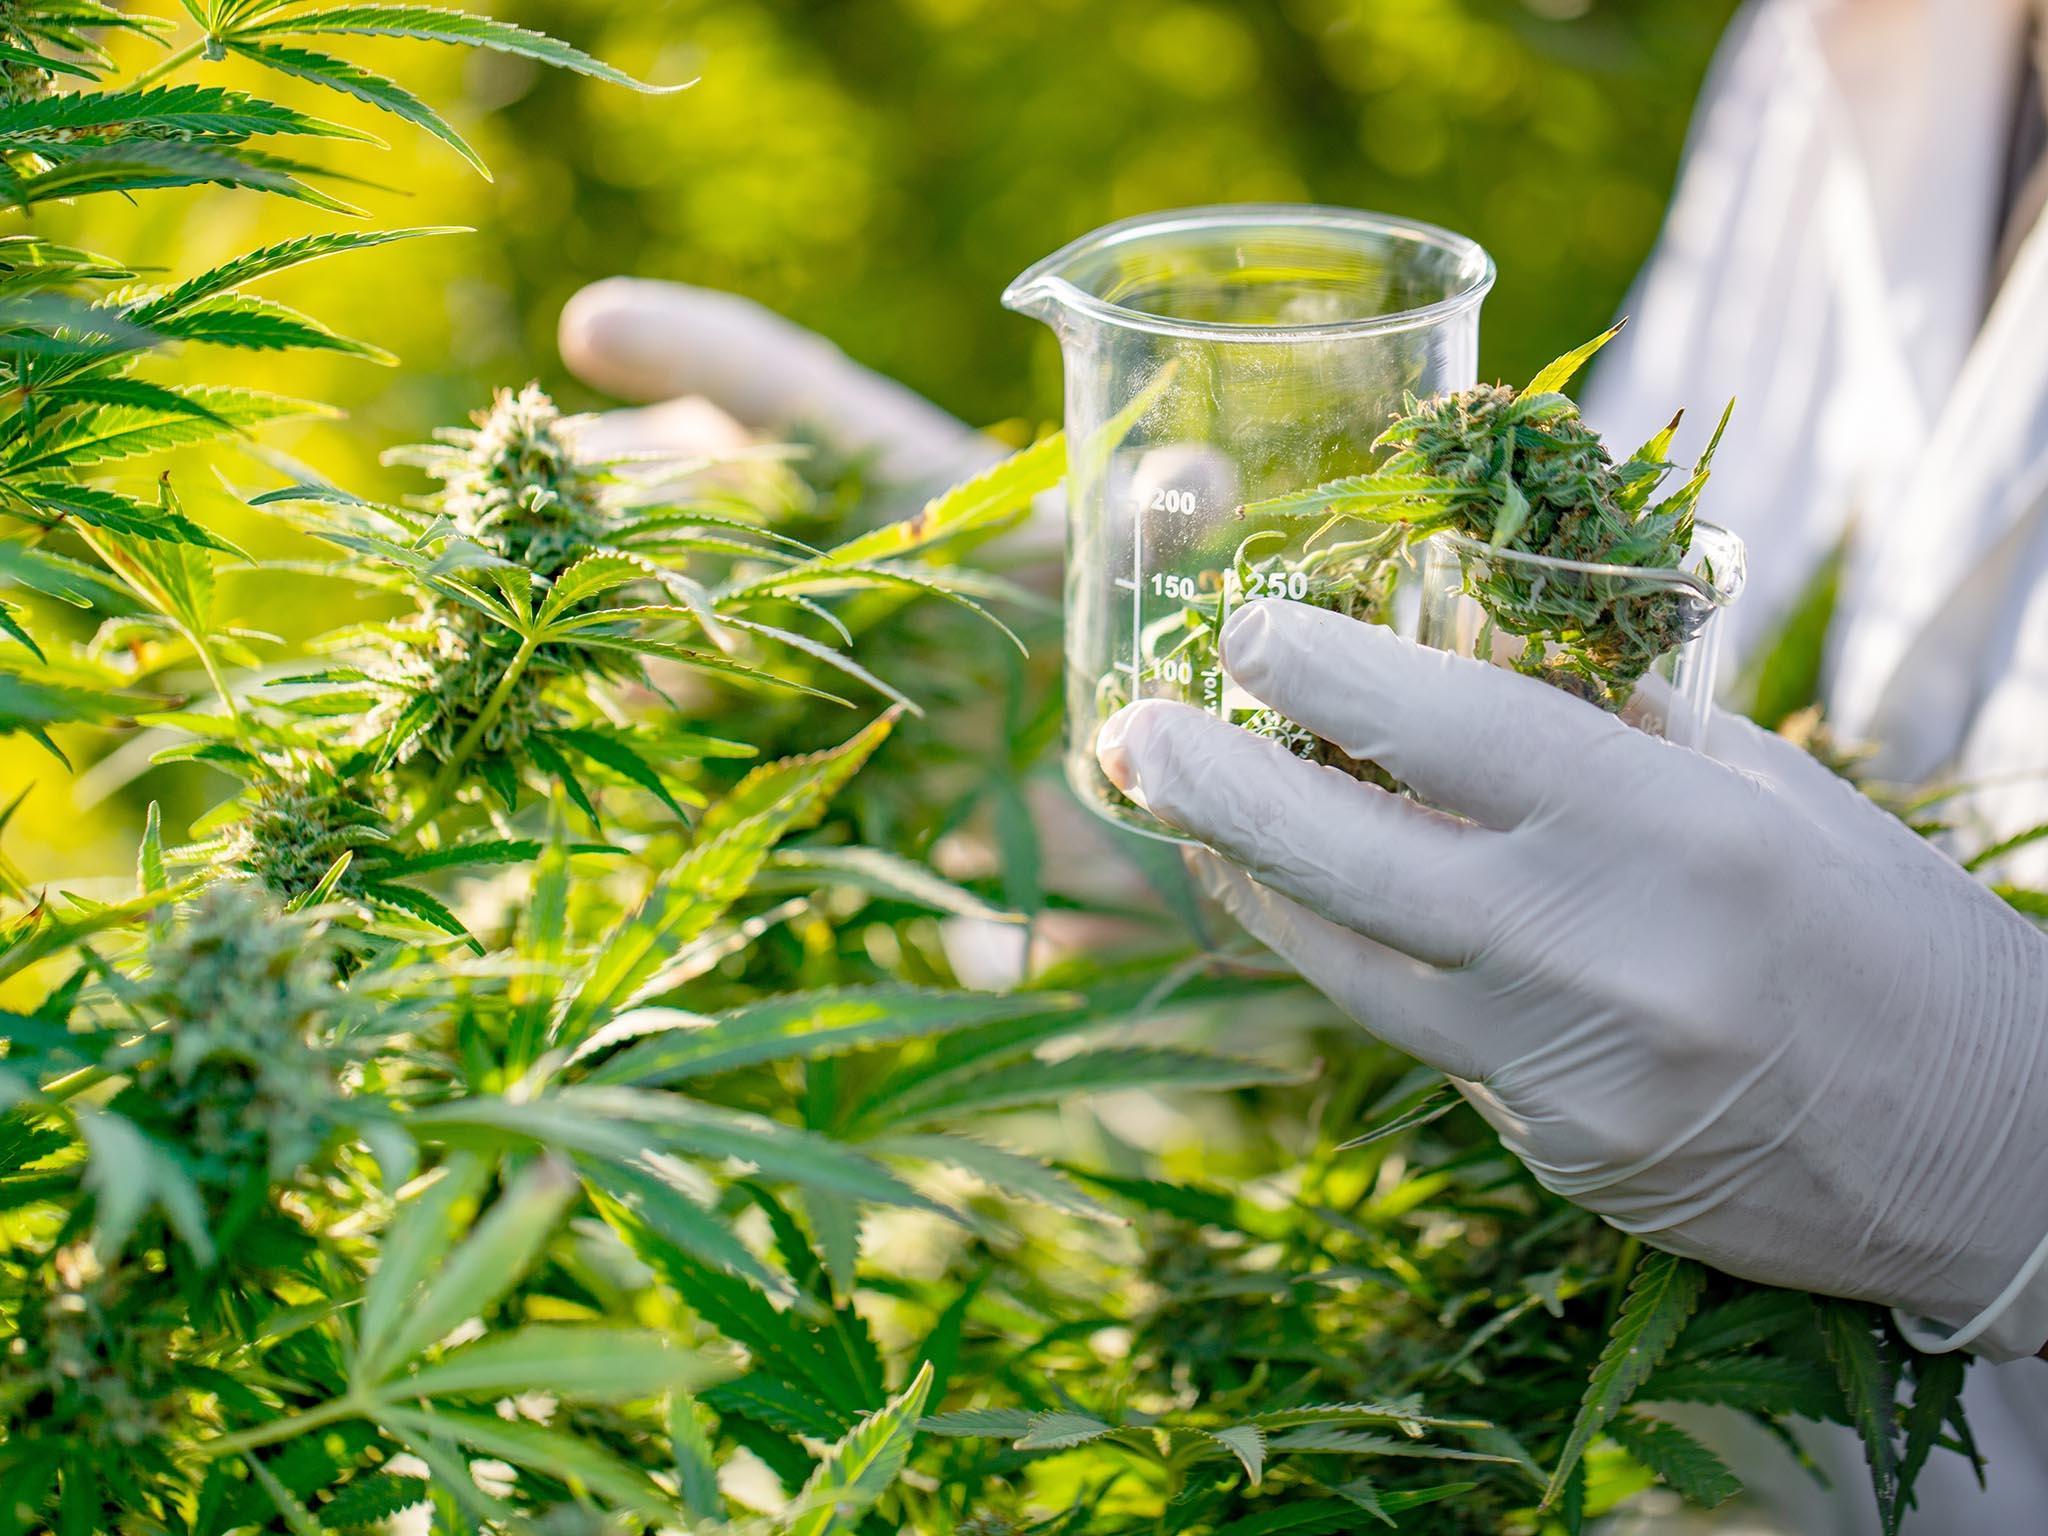 Curso virtual o presencial de Cultivo Agroecológico y obtención de derivados para usos Medicinales e Industriales del Cannabis